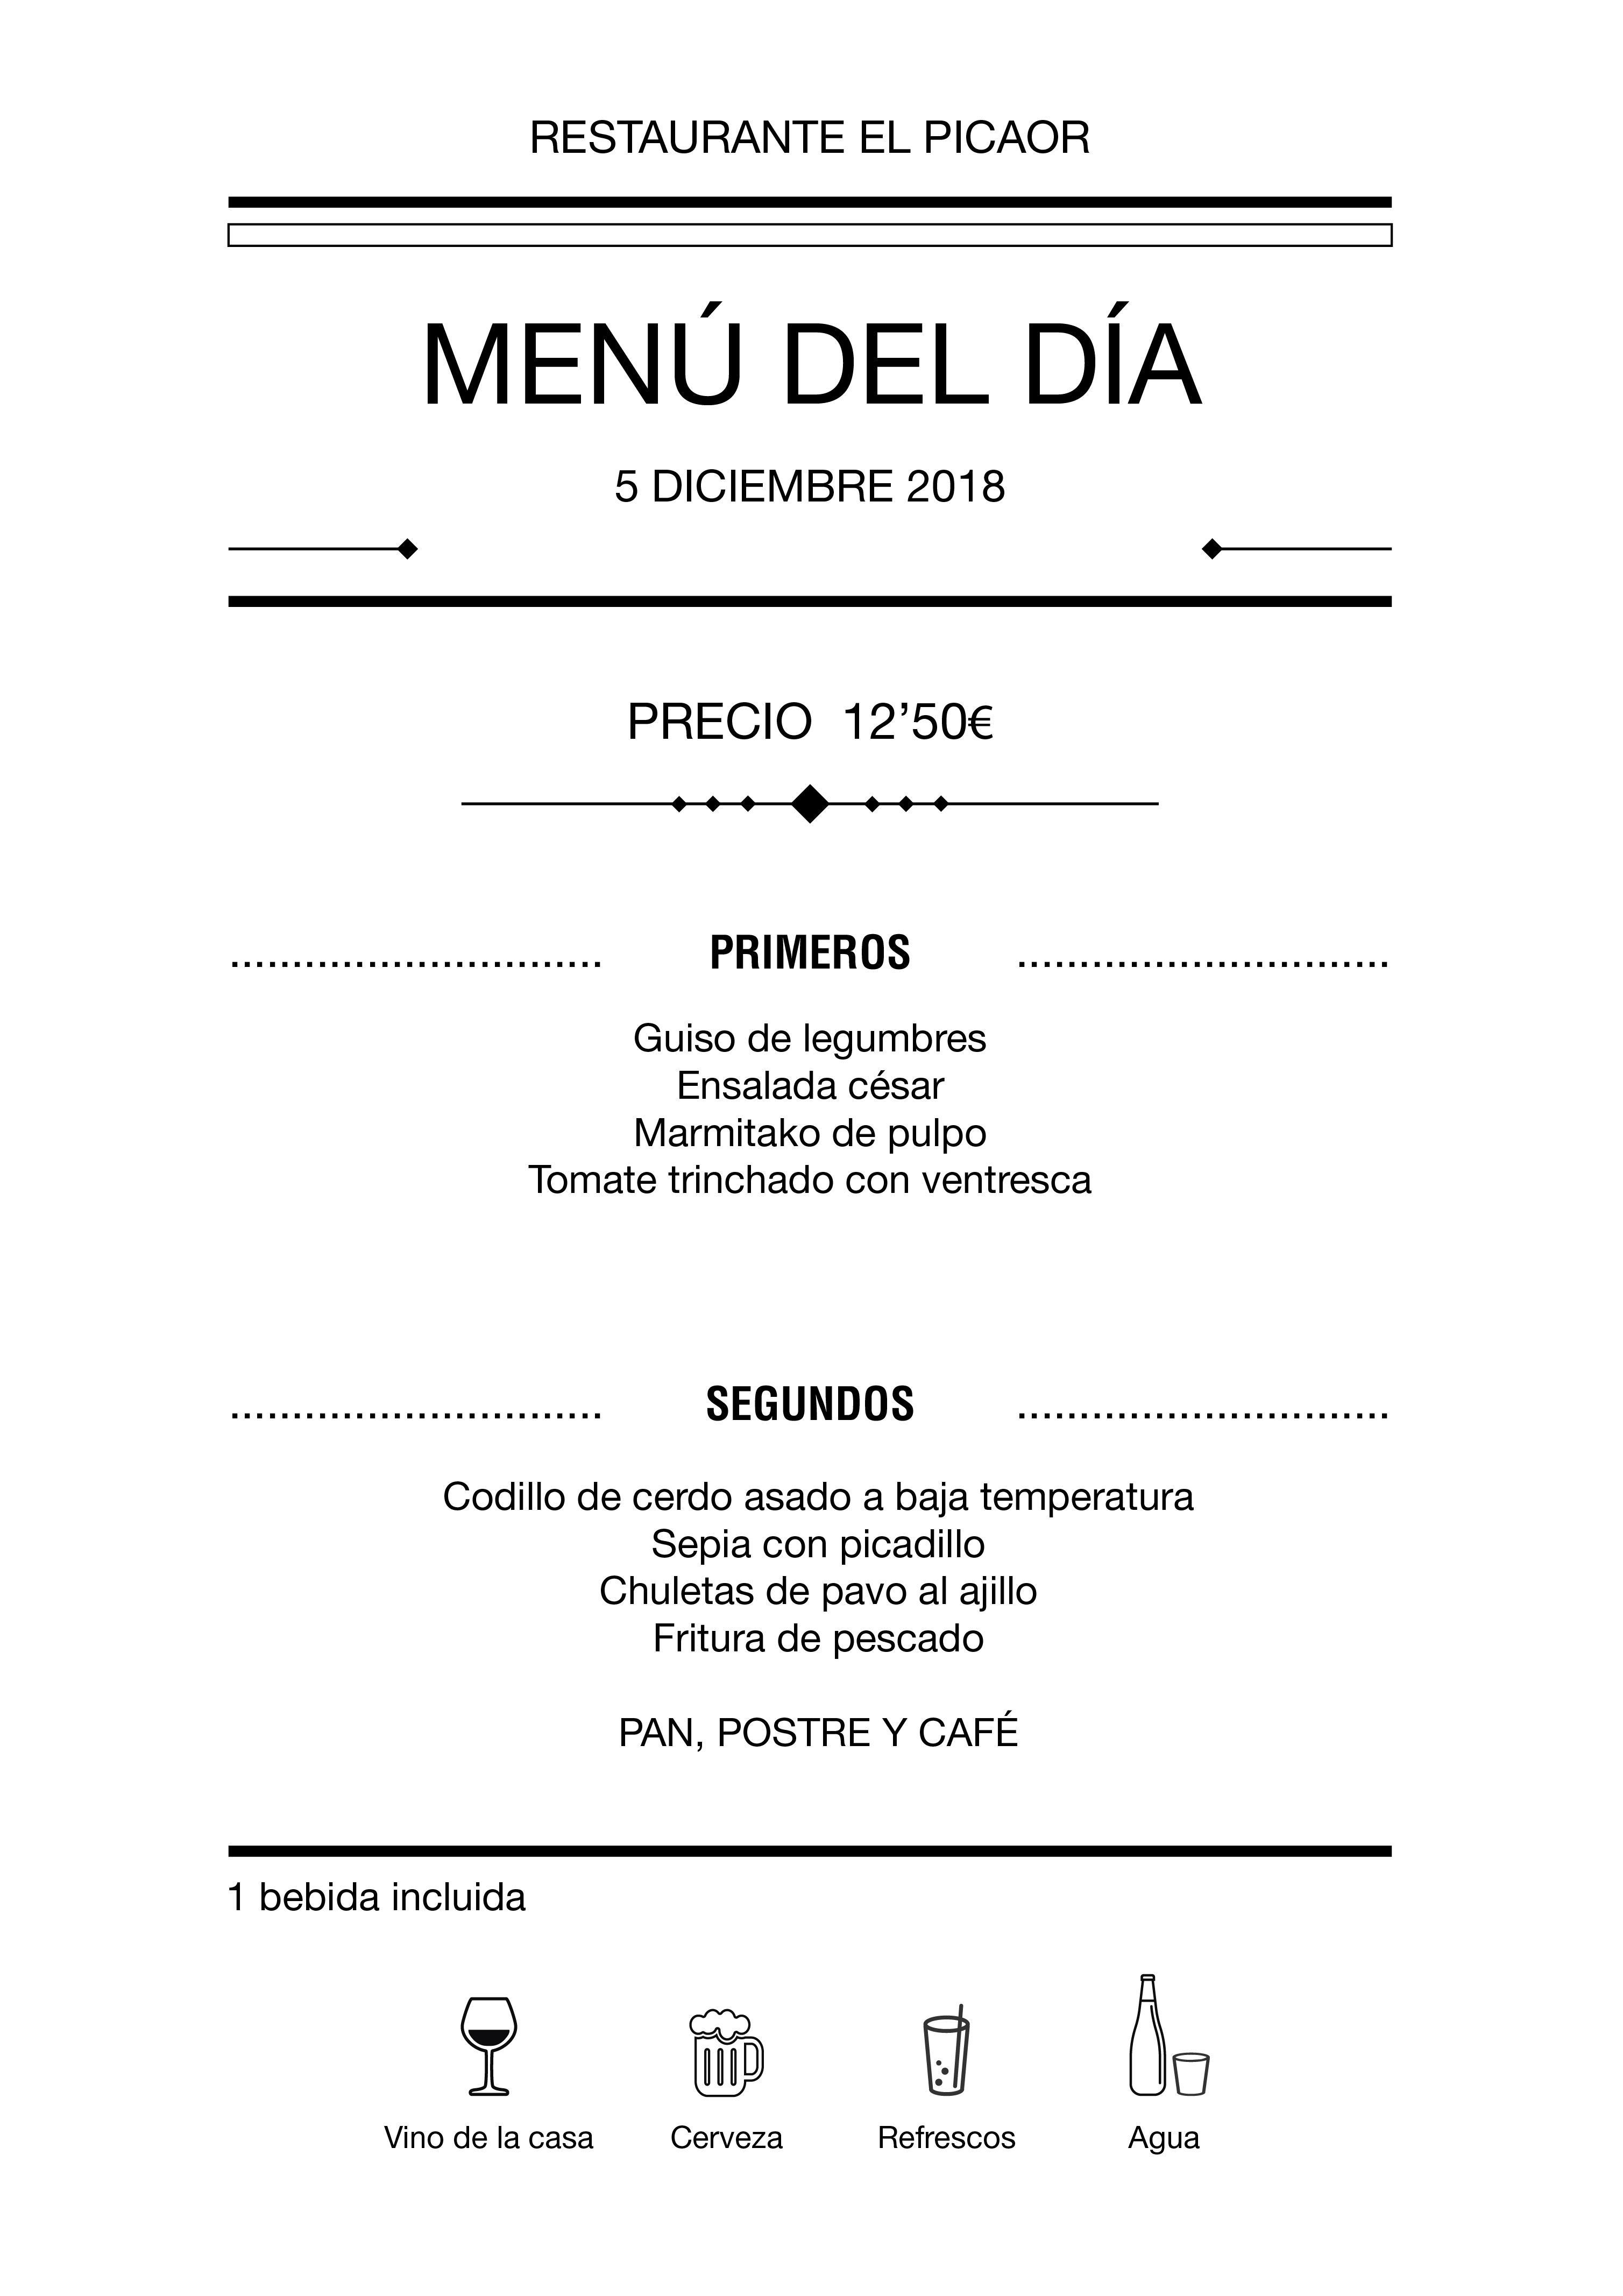 Menú diario El Picaor 05/12/18